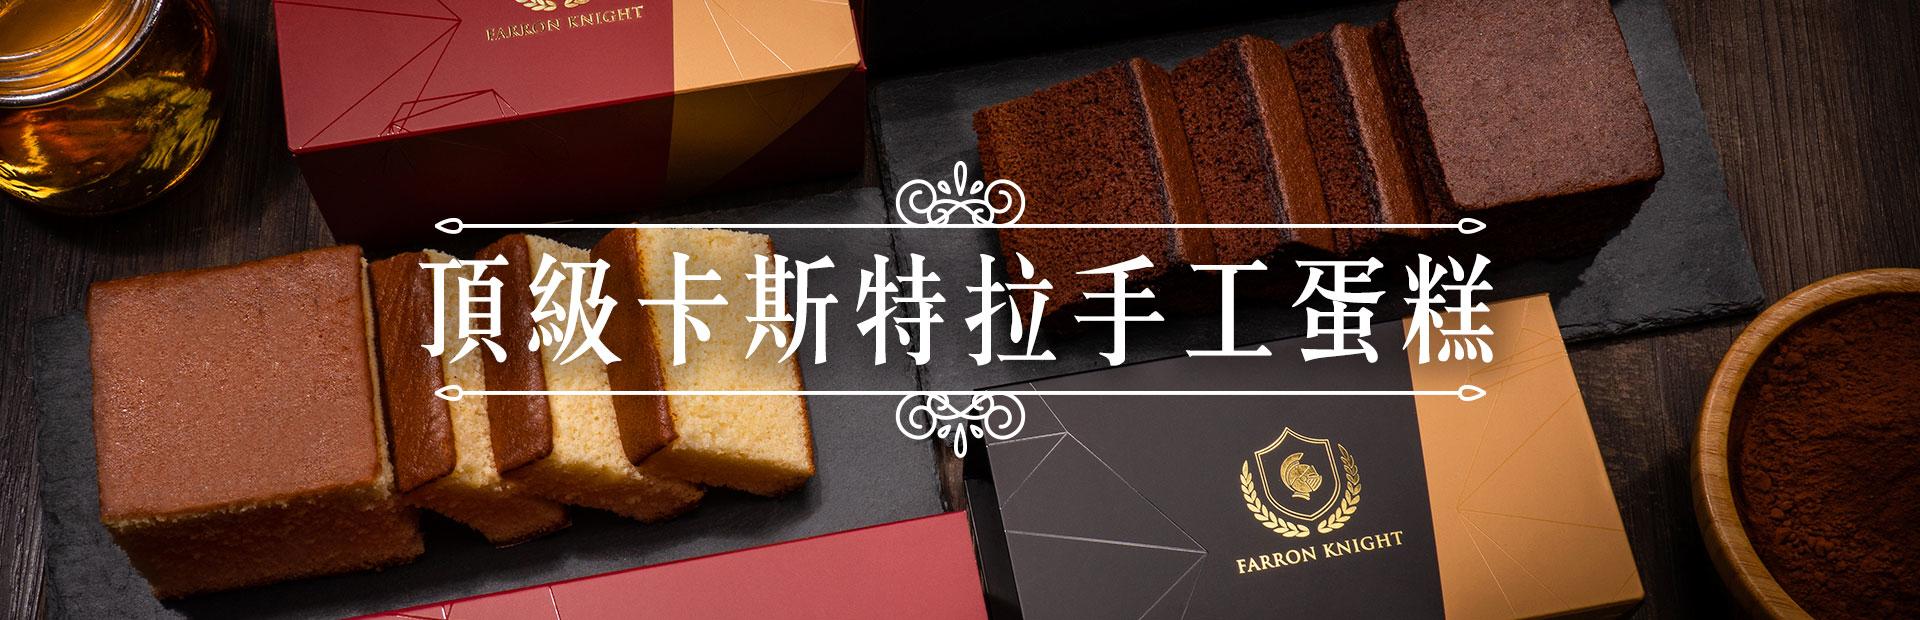 下午茶點心麵包蛋糕零食團購美食